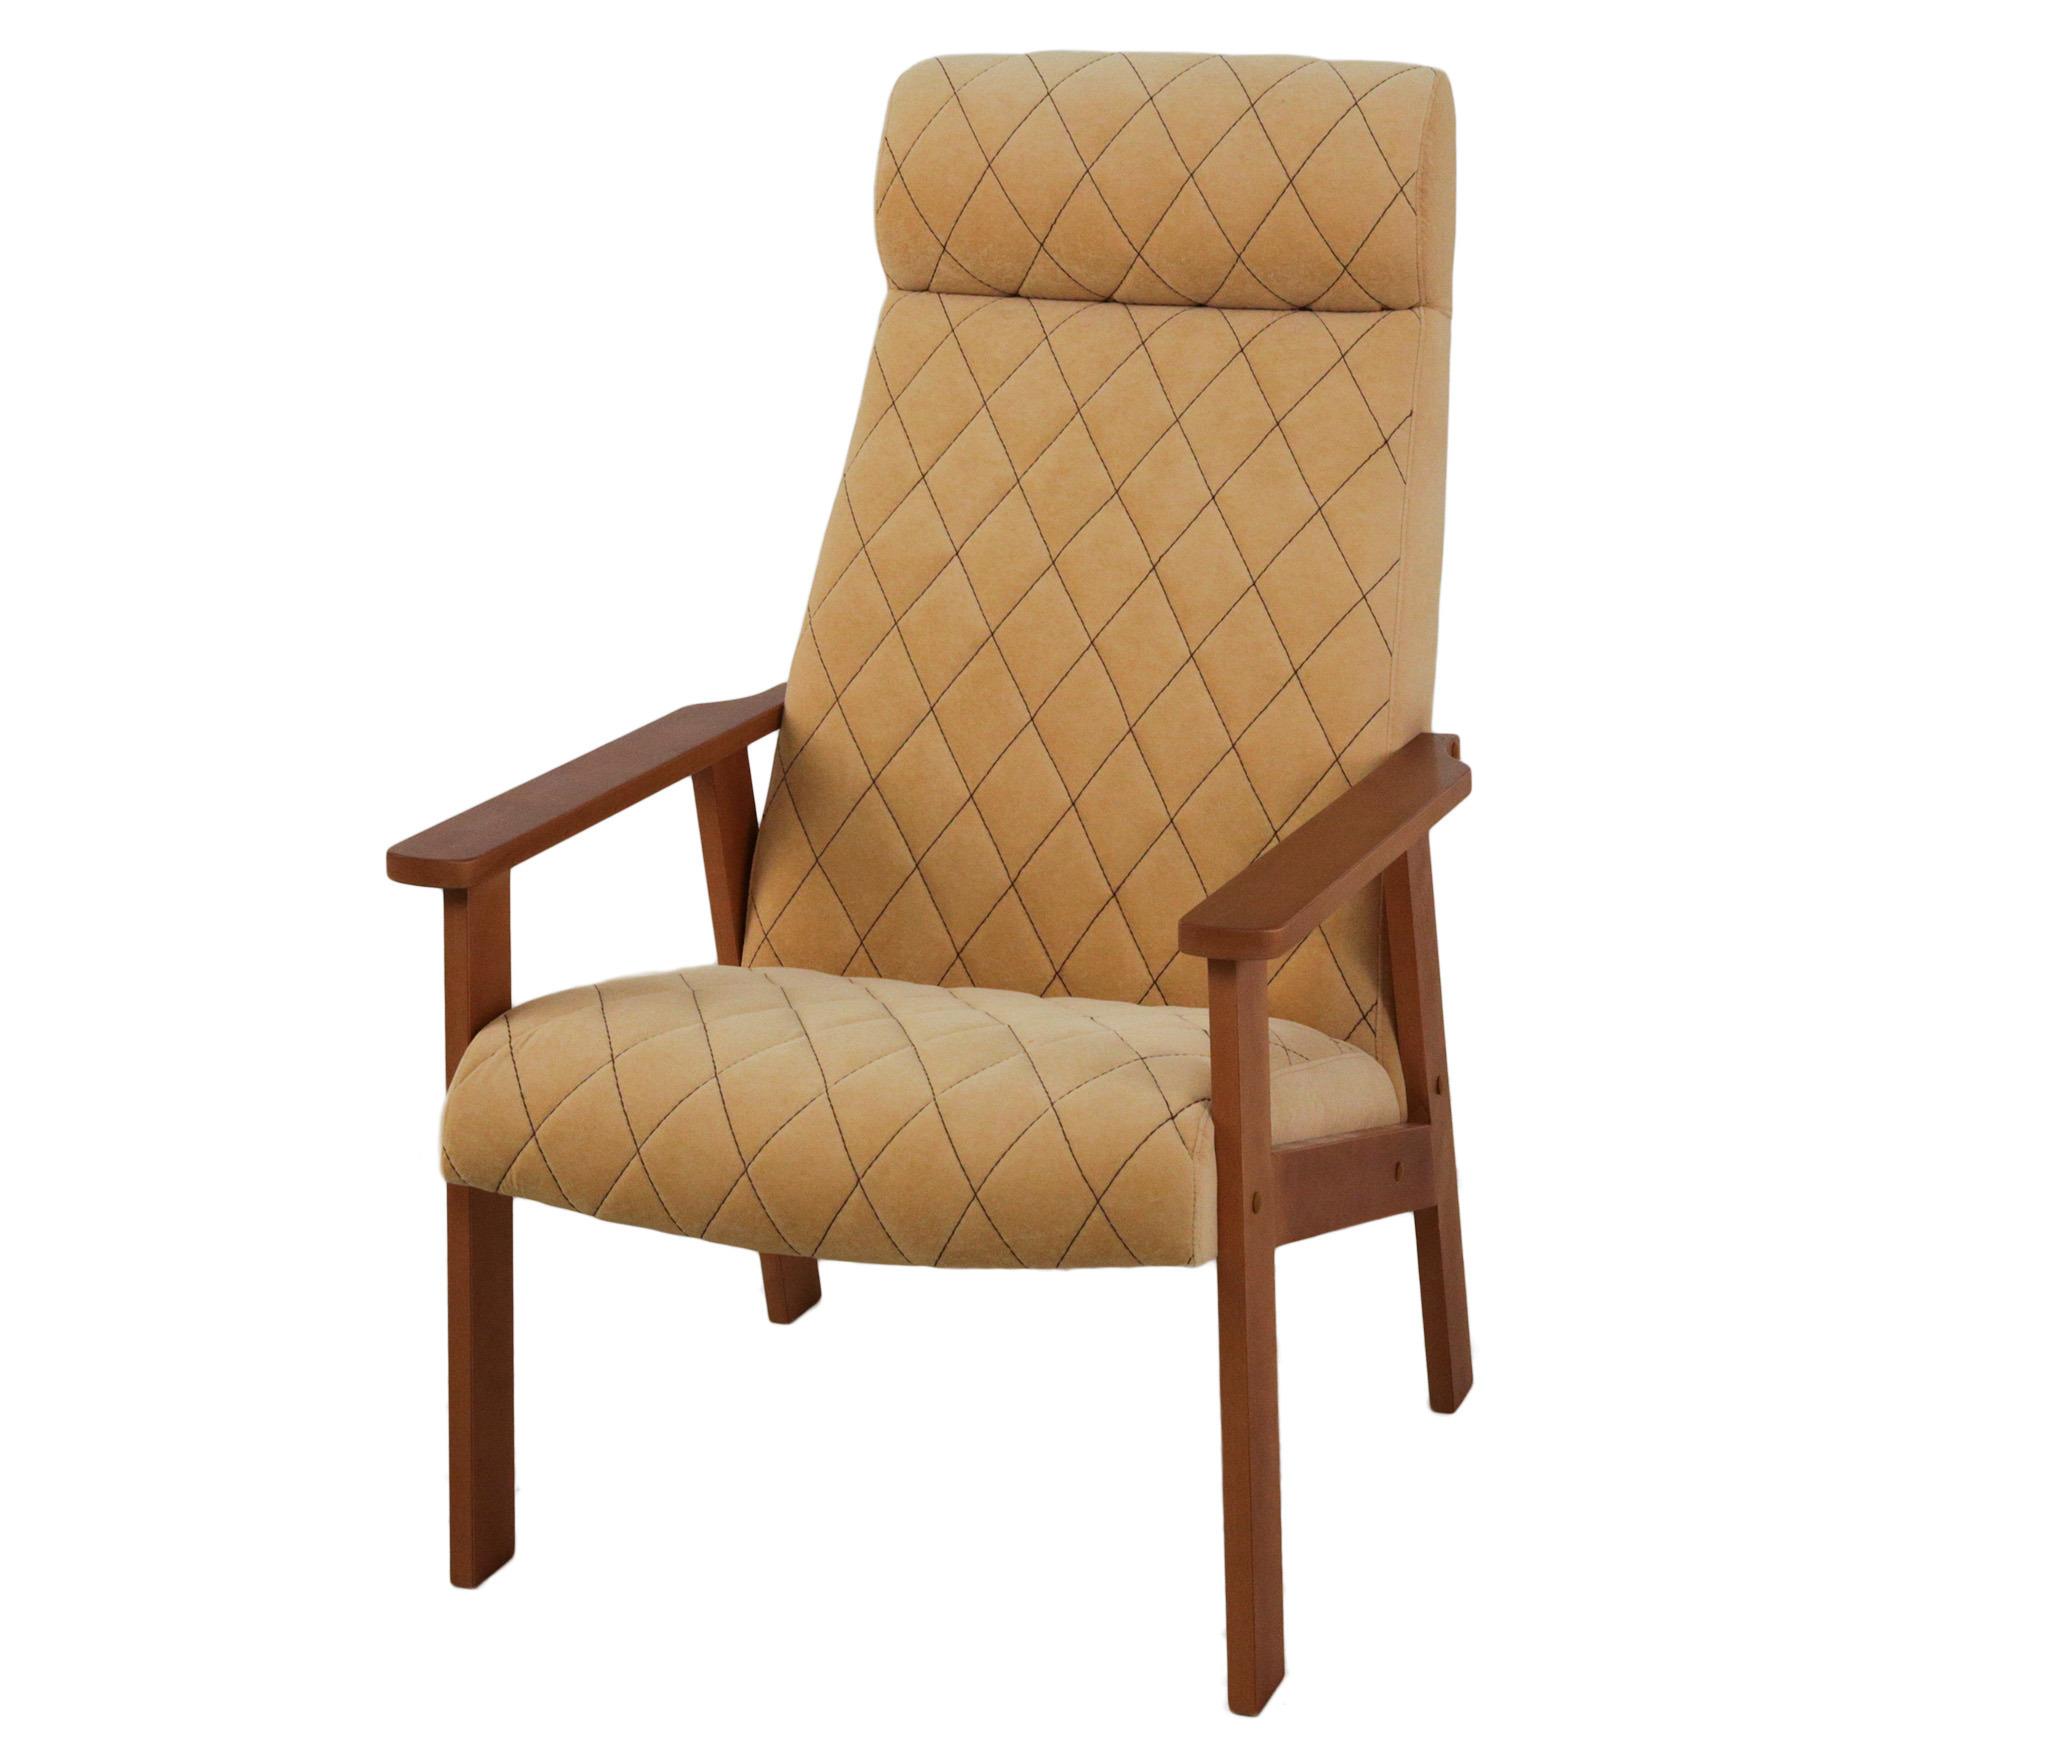 мягкие кресла Кресло для отдыха Вилора с прострочкой, Бук, Bolero silk bone